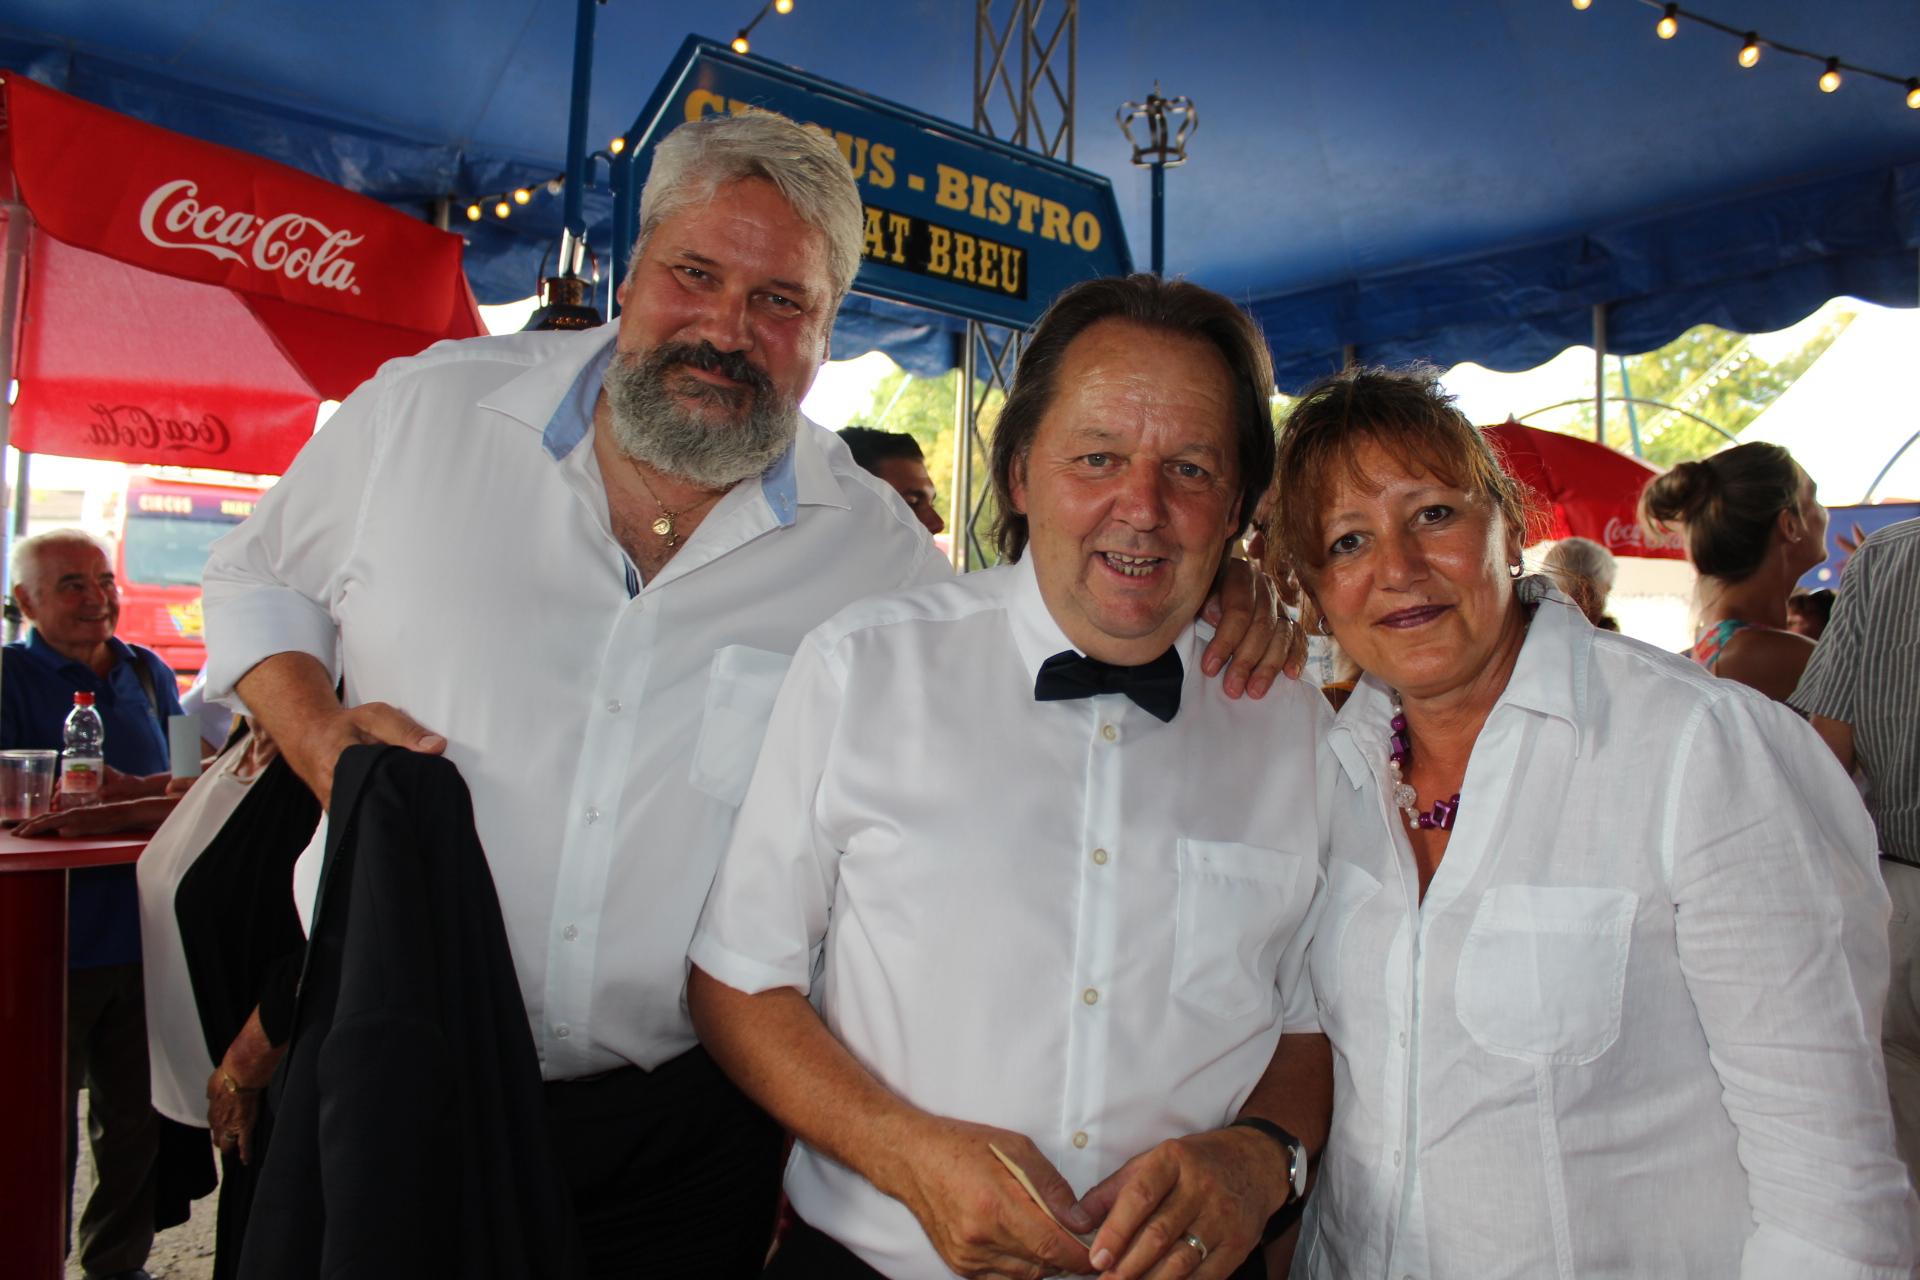 Fotostrecke: Premiere Circus Beat Breu in Winterthur